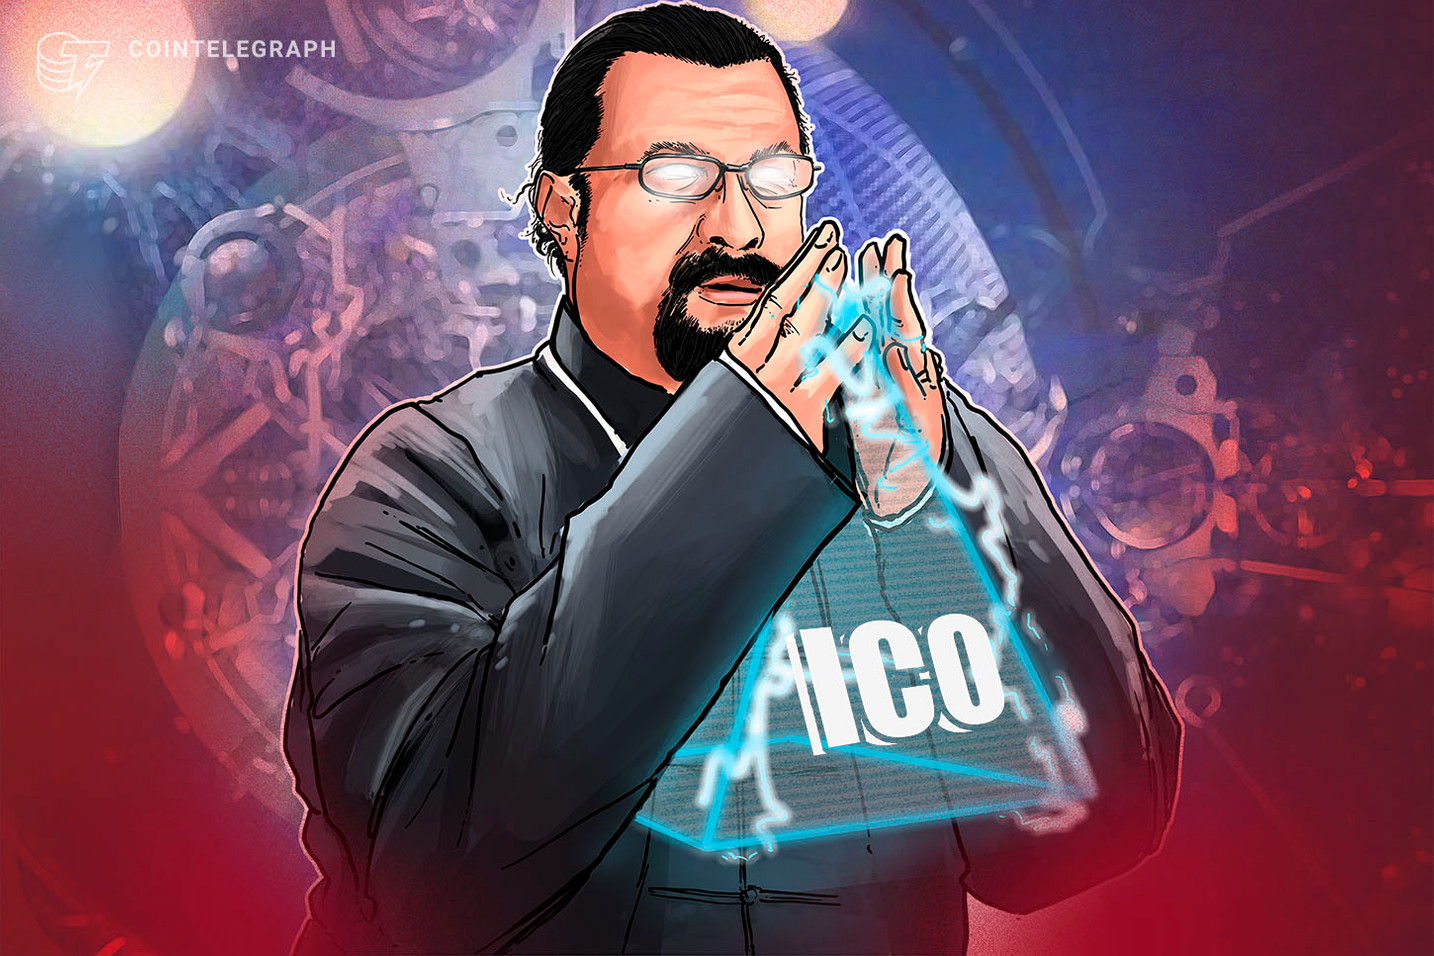 スティーブン・セガール、SECが告発|仮想通貨ビットコインのICOのプロモーションで【ニュース】